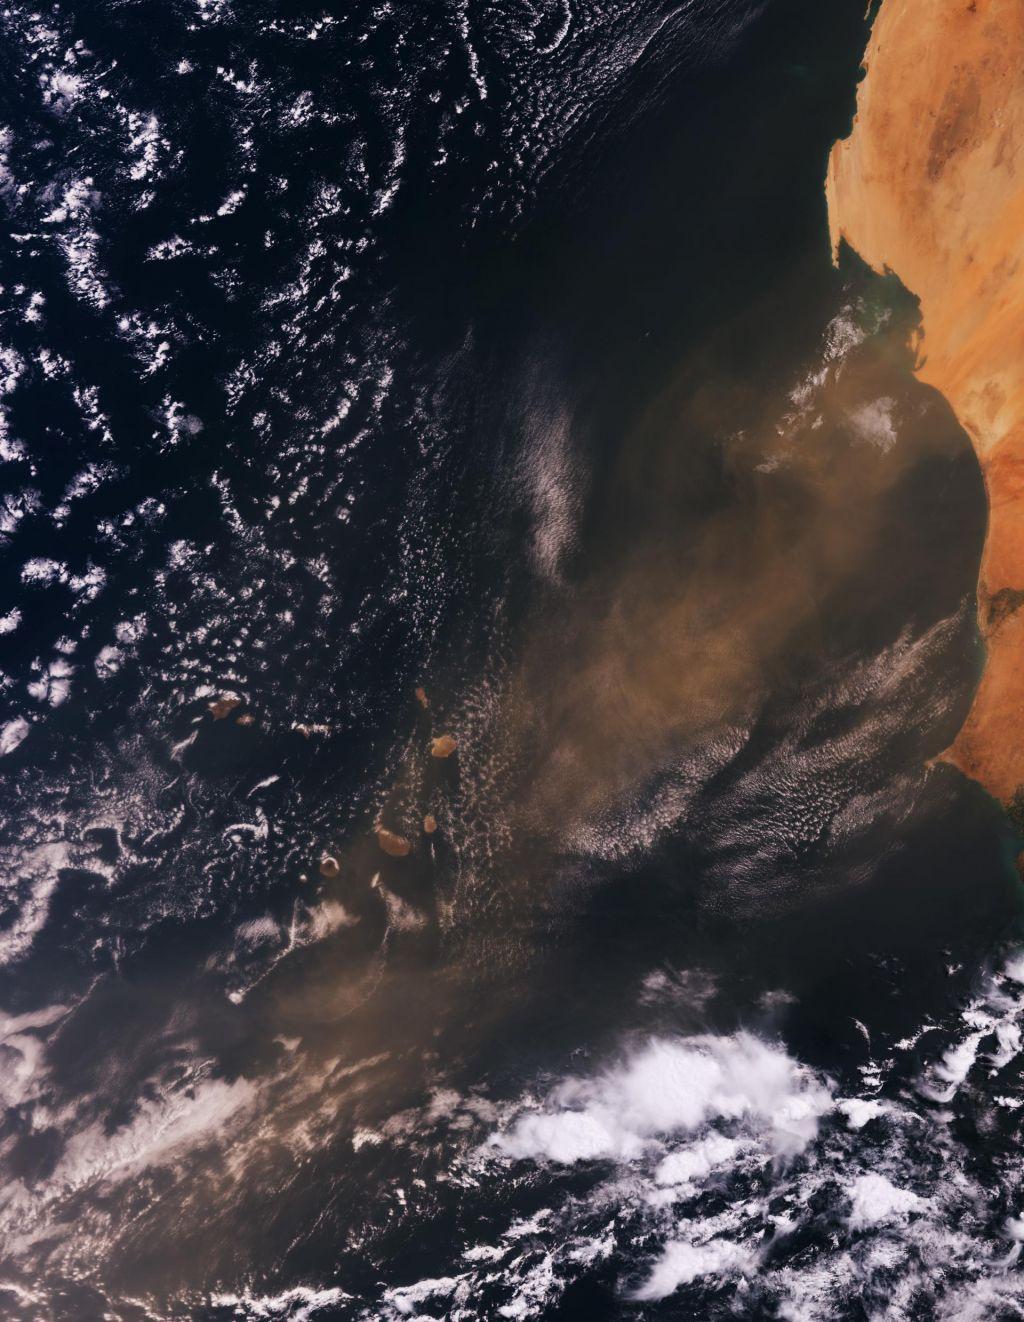 Nad ZDA letos odneslo nenavadno veliko količino saharskega prahu